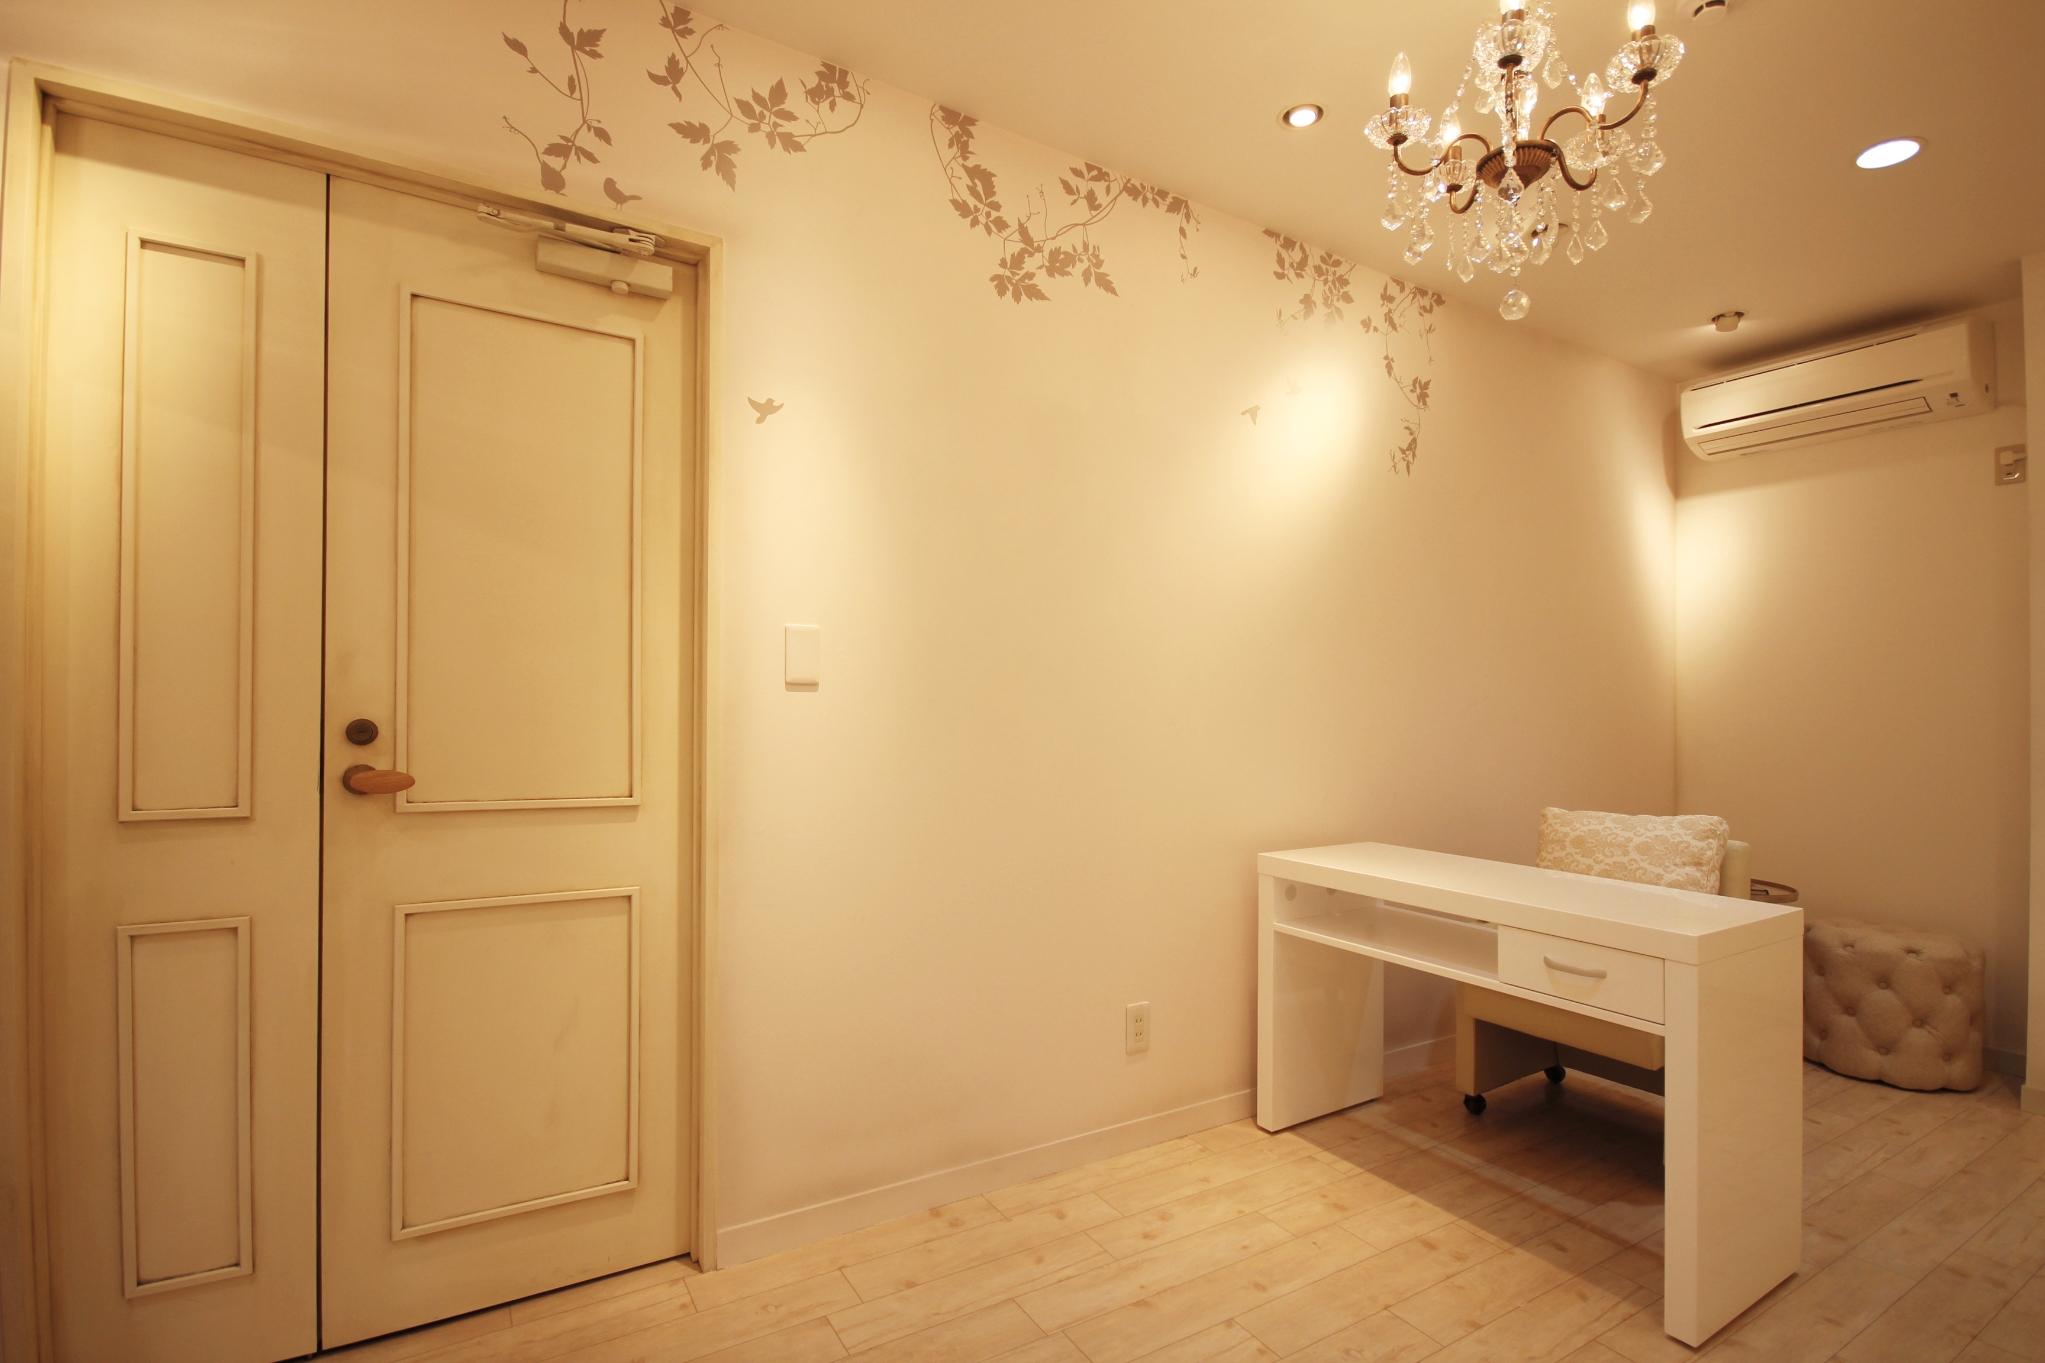 静岡プライベートサロン贅沢空間ネイル